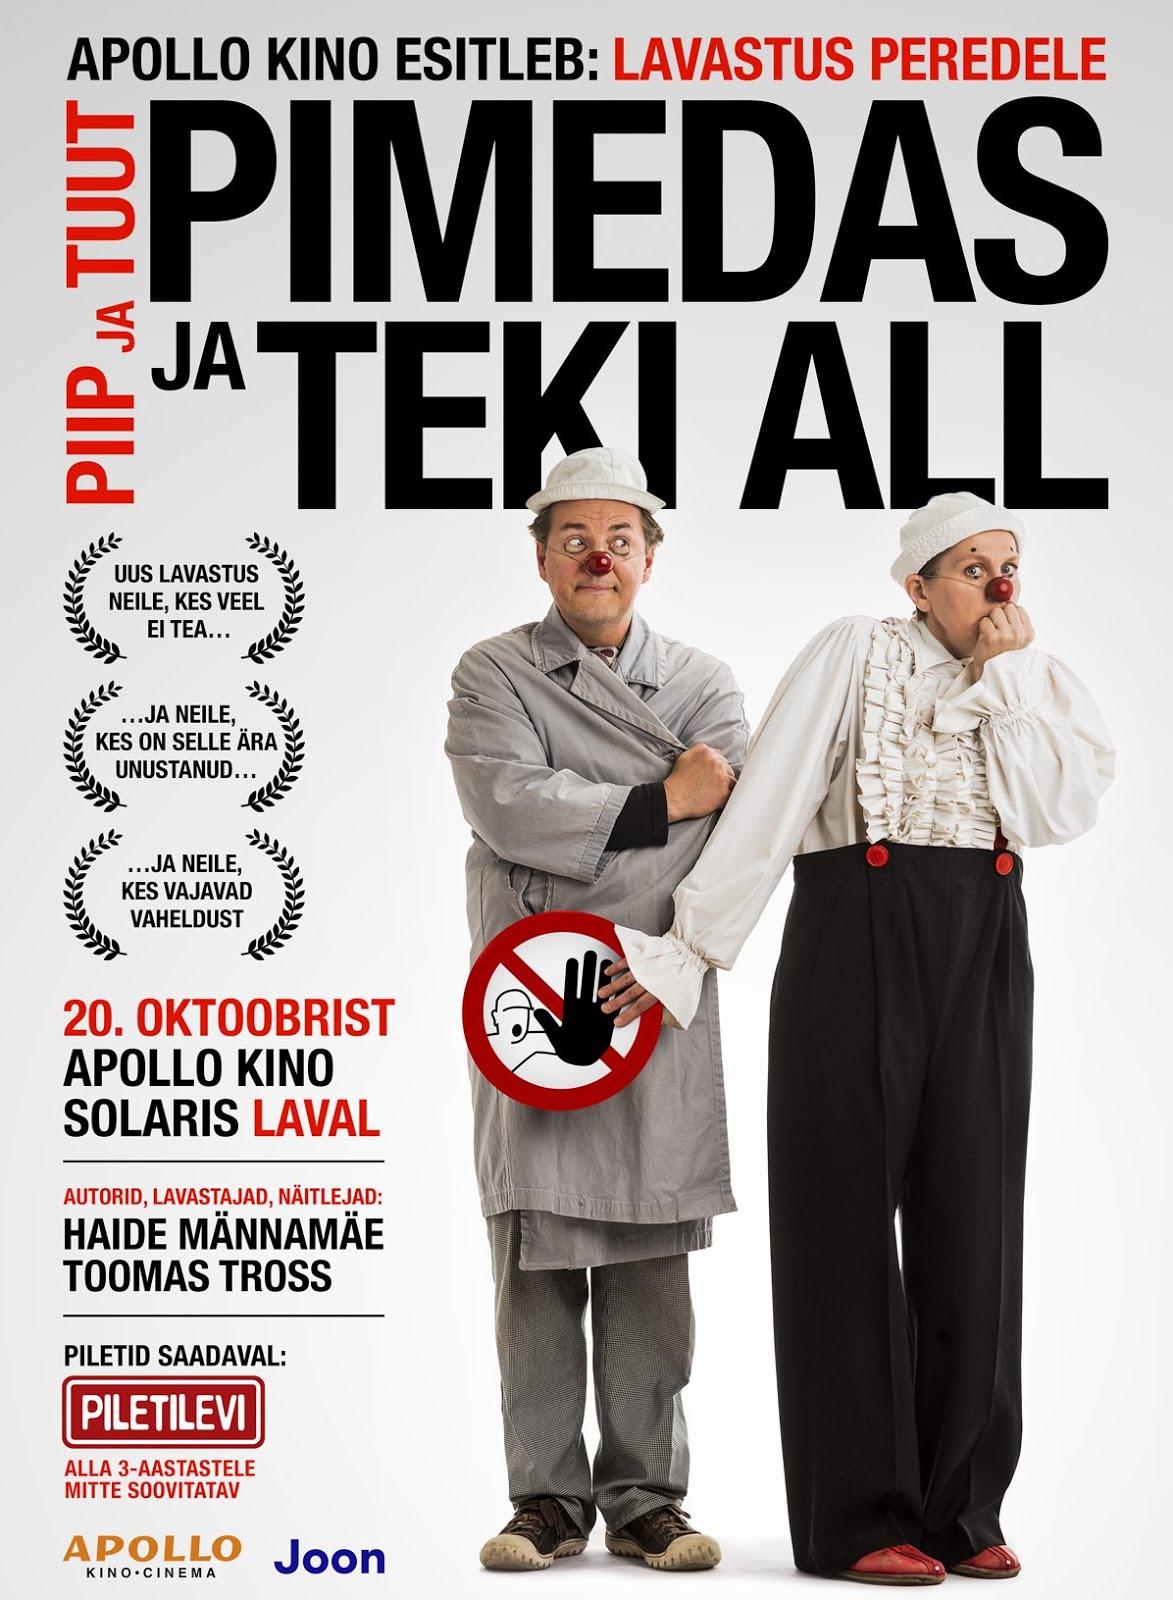 PIIP JA TUUT uuslavastuses APPOLLO kinos alates 20.oktoober